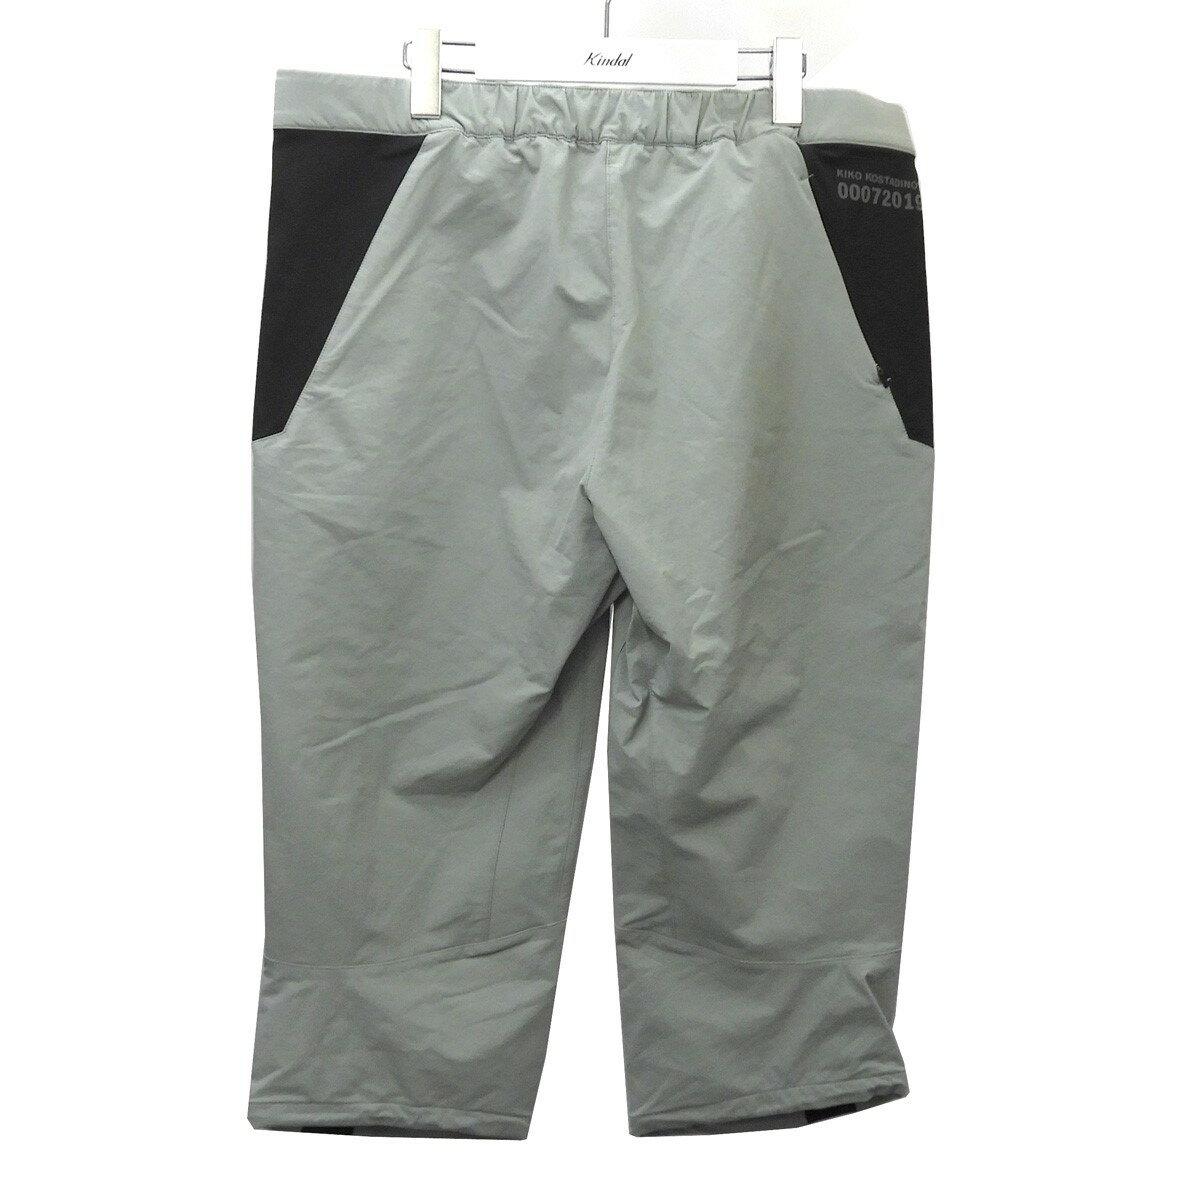 メンズファッション, ズボン・パンツ Kiko Kostadinovasics woven pants M 121020